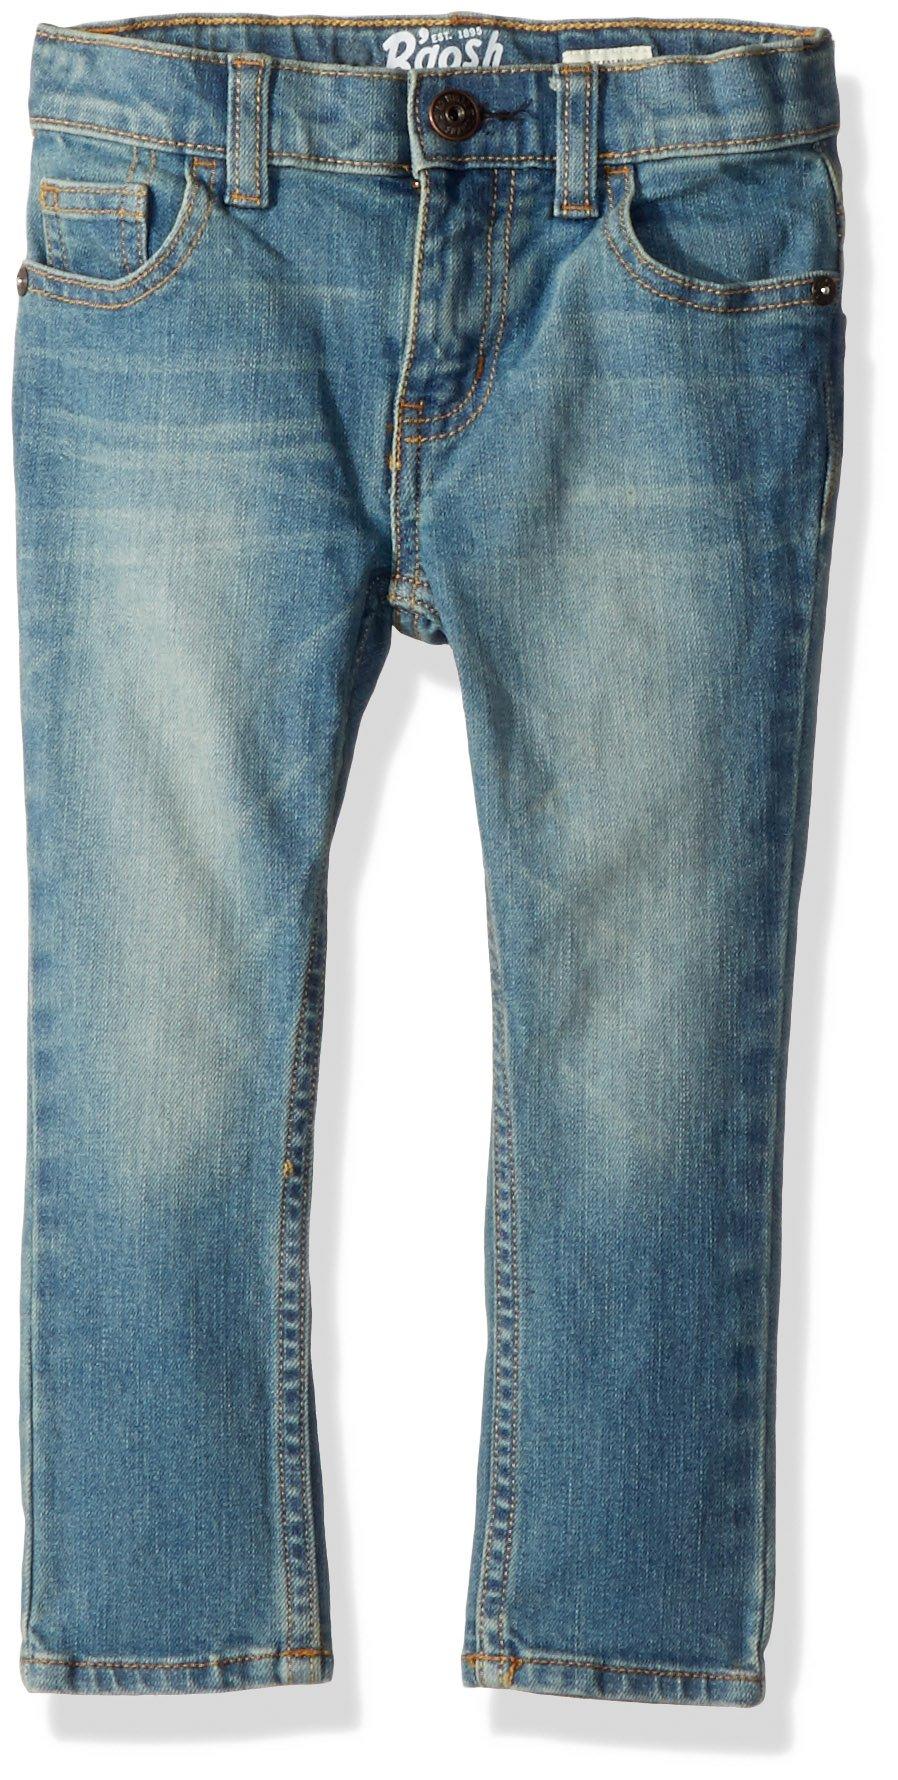 Osh Kosh Boys' Toddler Skinny Jeans, Tumbled Light, 5T